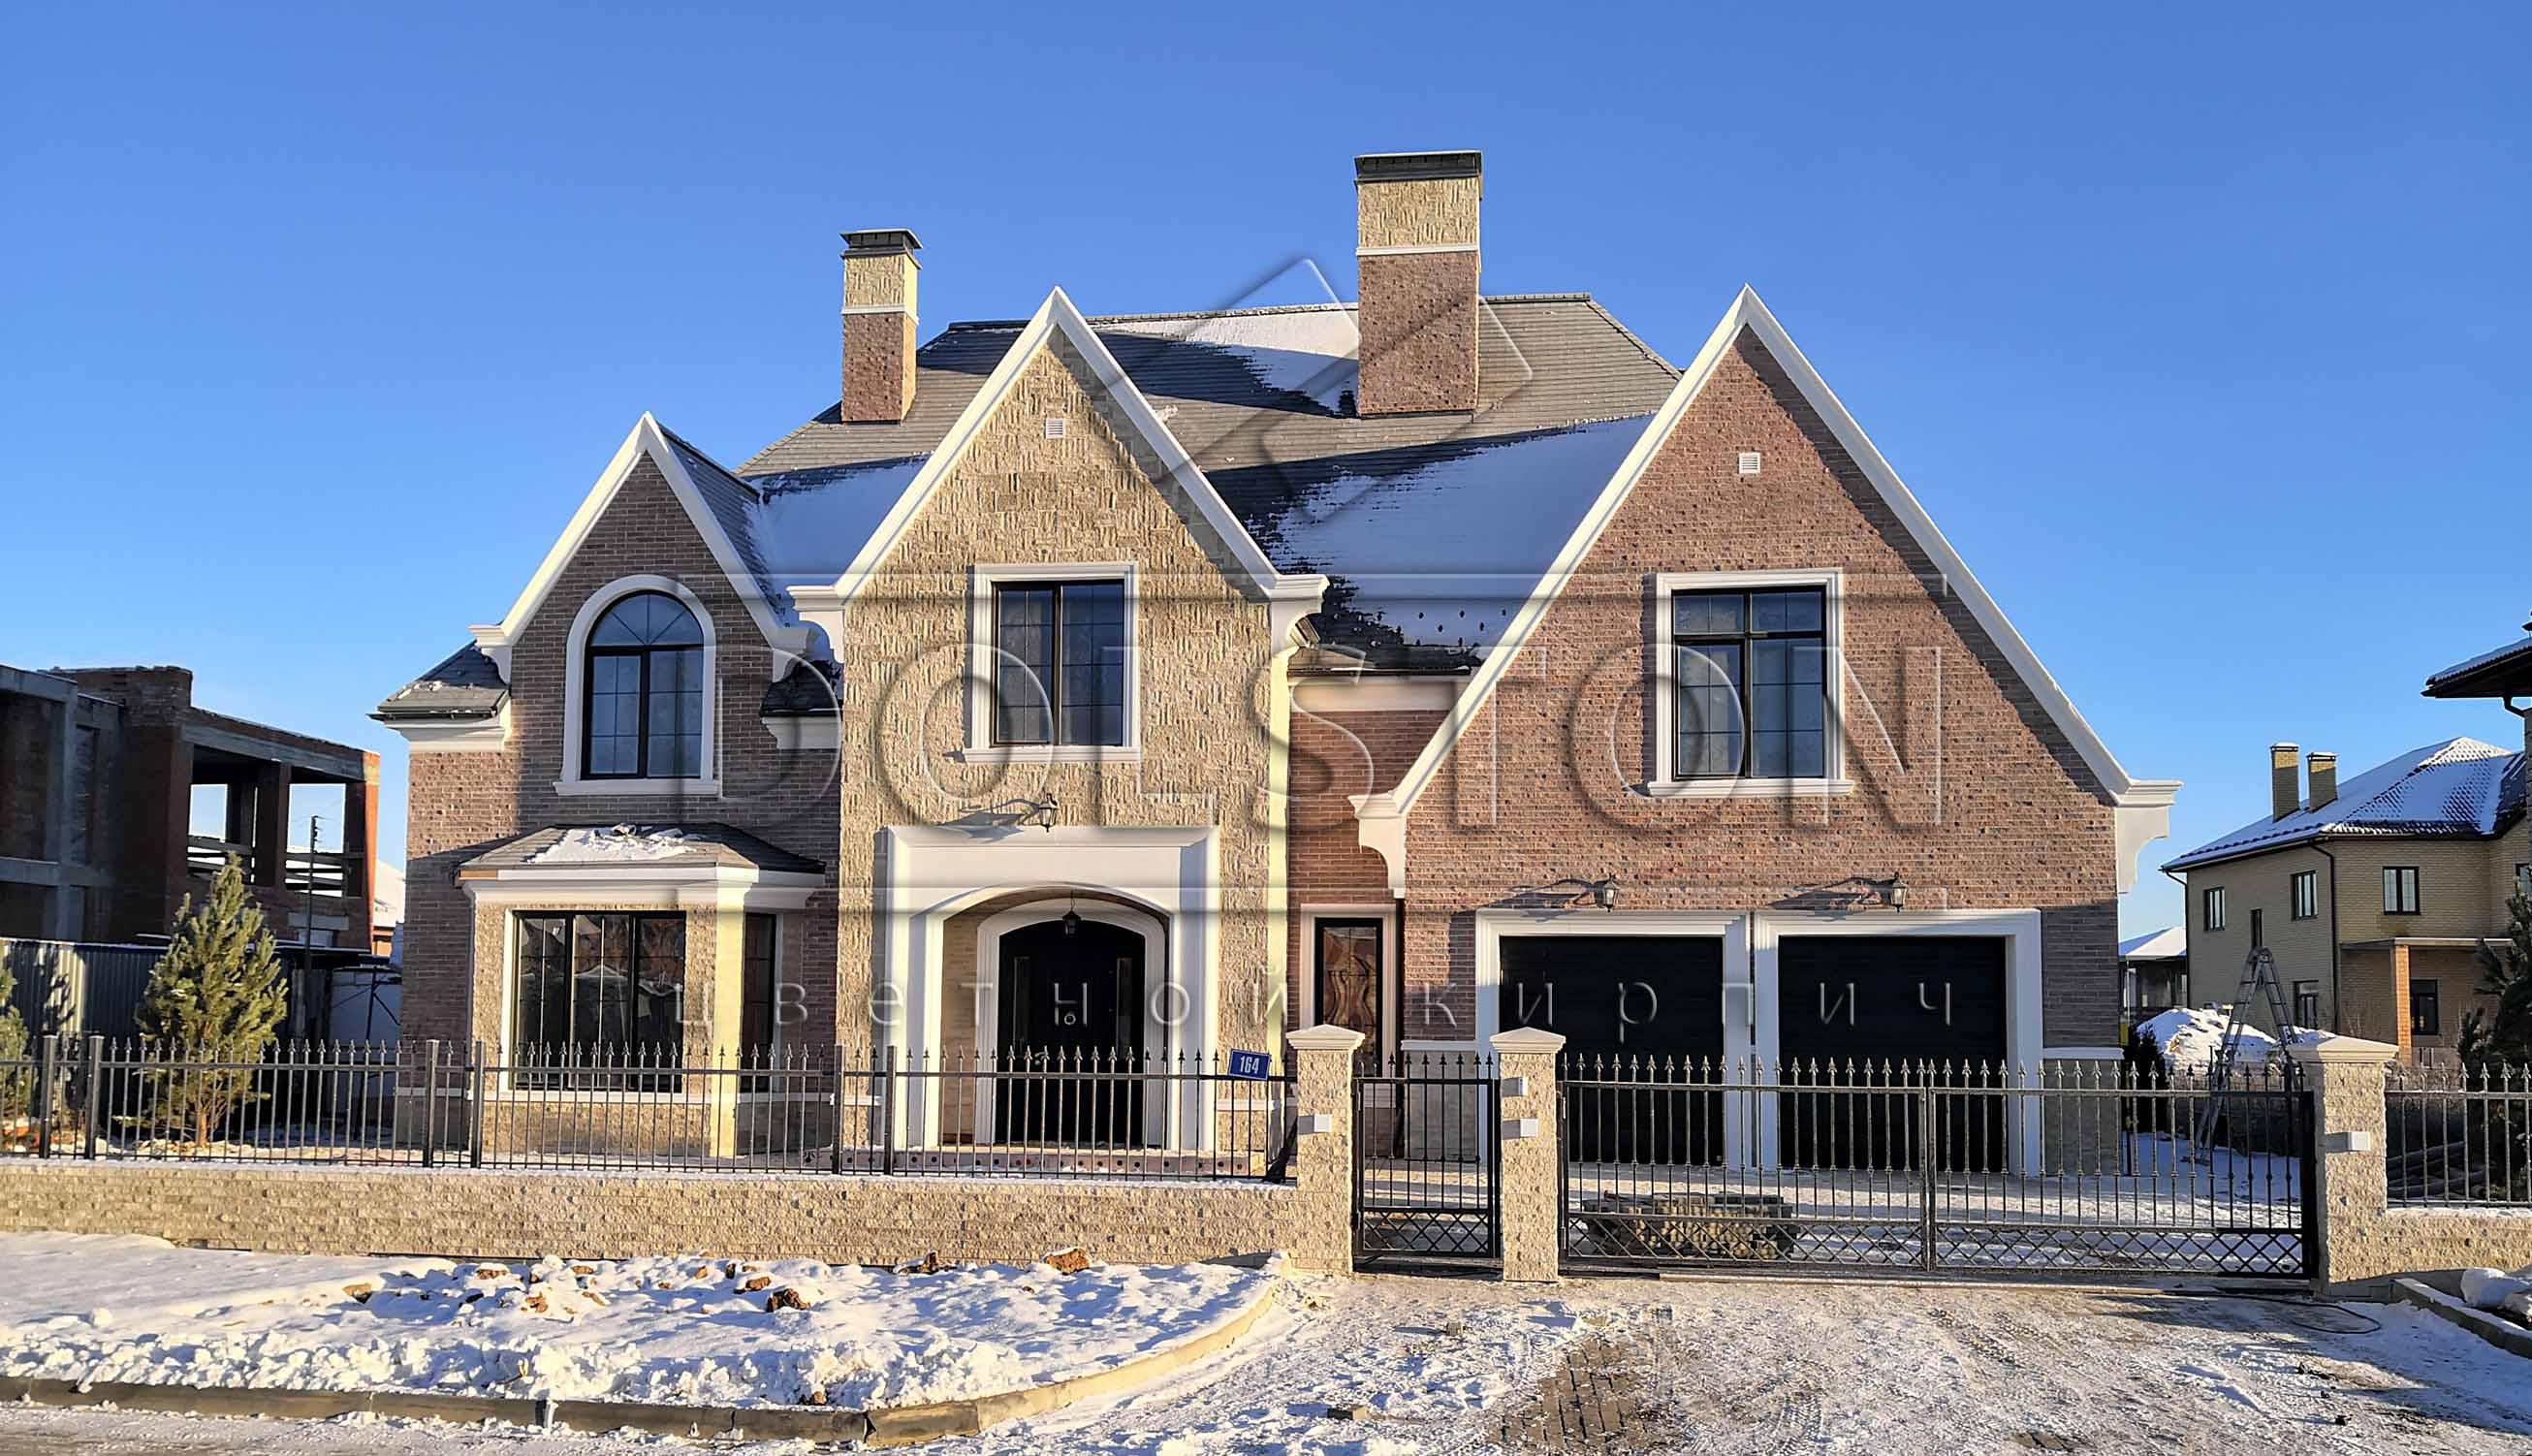 Облицовка дома фасадной плиткой под кирпич бежевого цвета